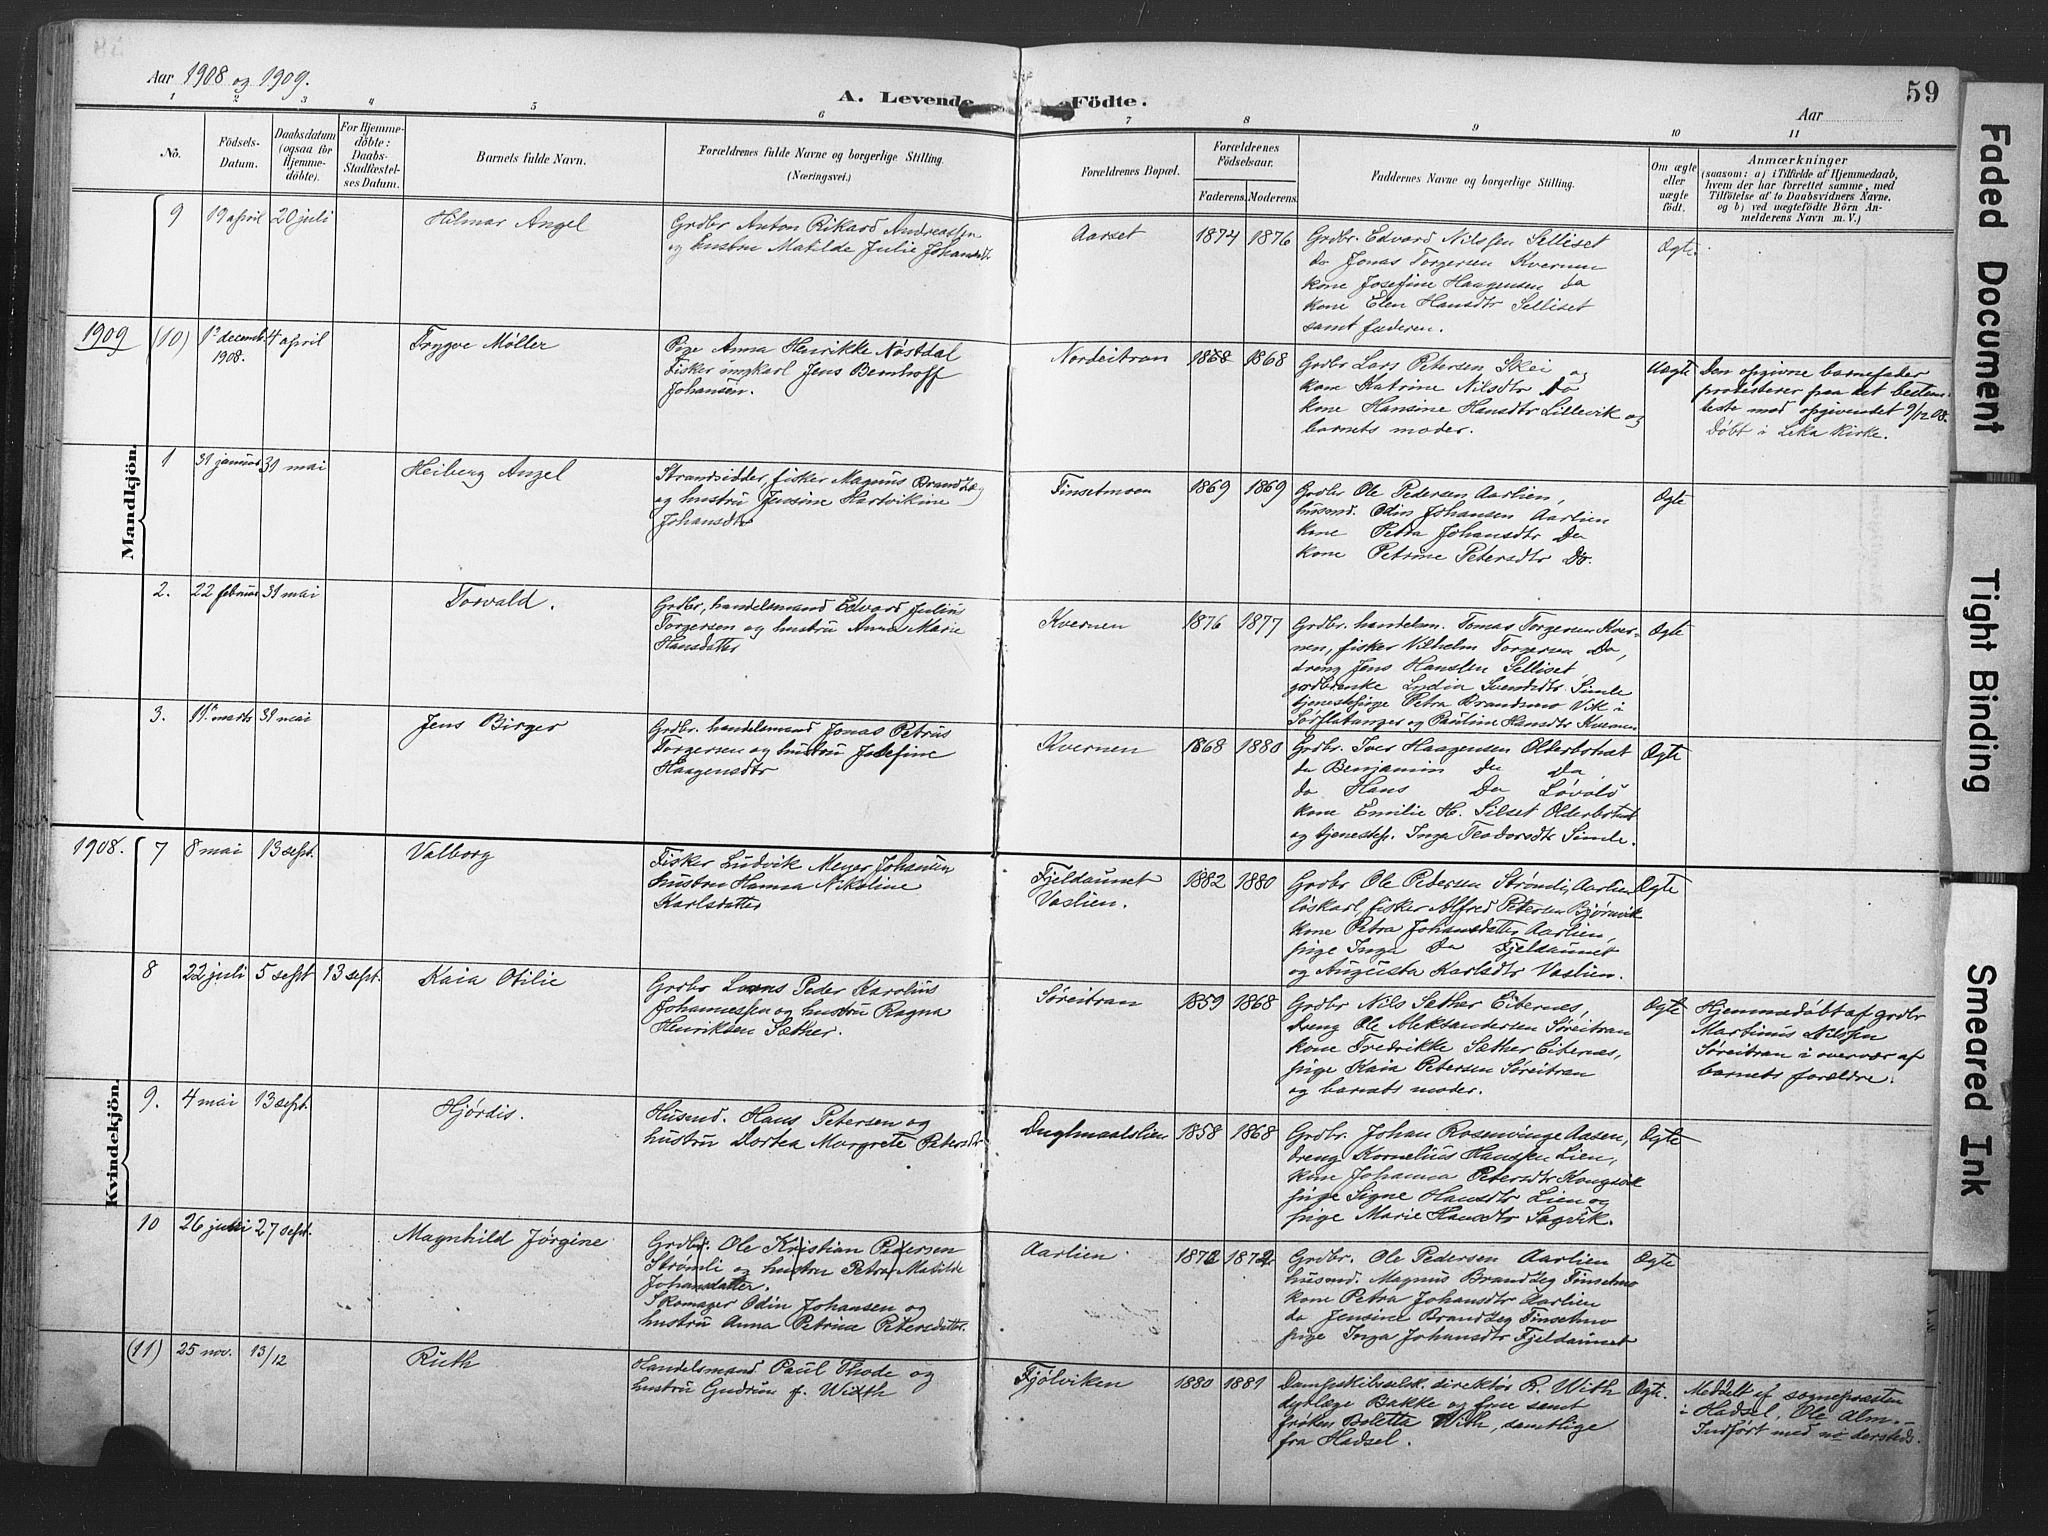 SAT, Ministerialprotokoller, klokkerbøker og fødselsregistre - Nord-Trøndelag, 789/L0706: Klokkerbok nr. 789C01, 1888-1931, s. 59